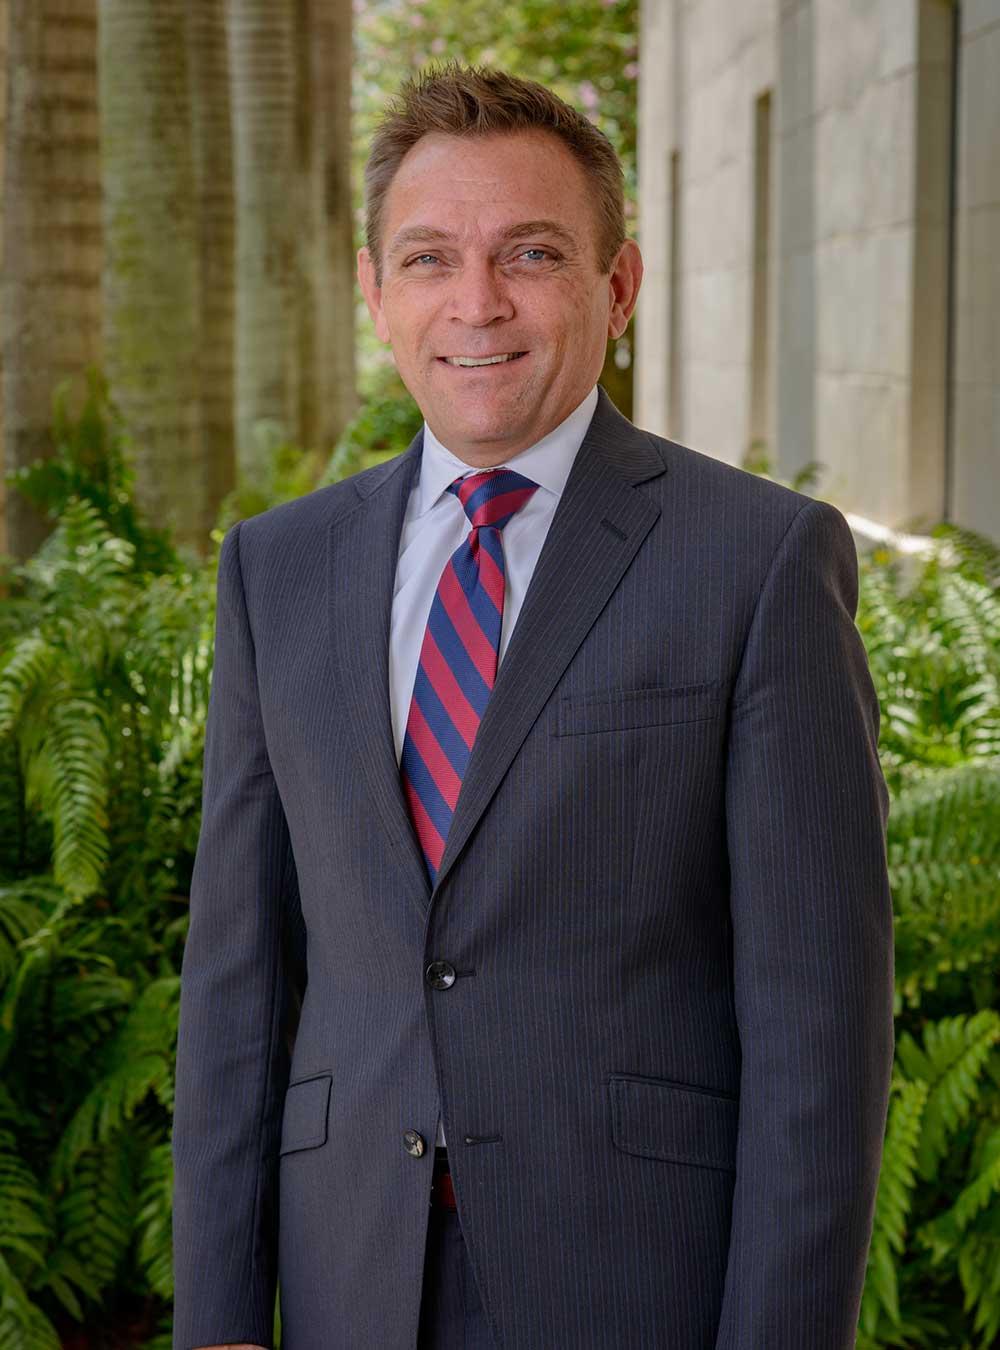 Portrait of Eric R. Carpenter